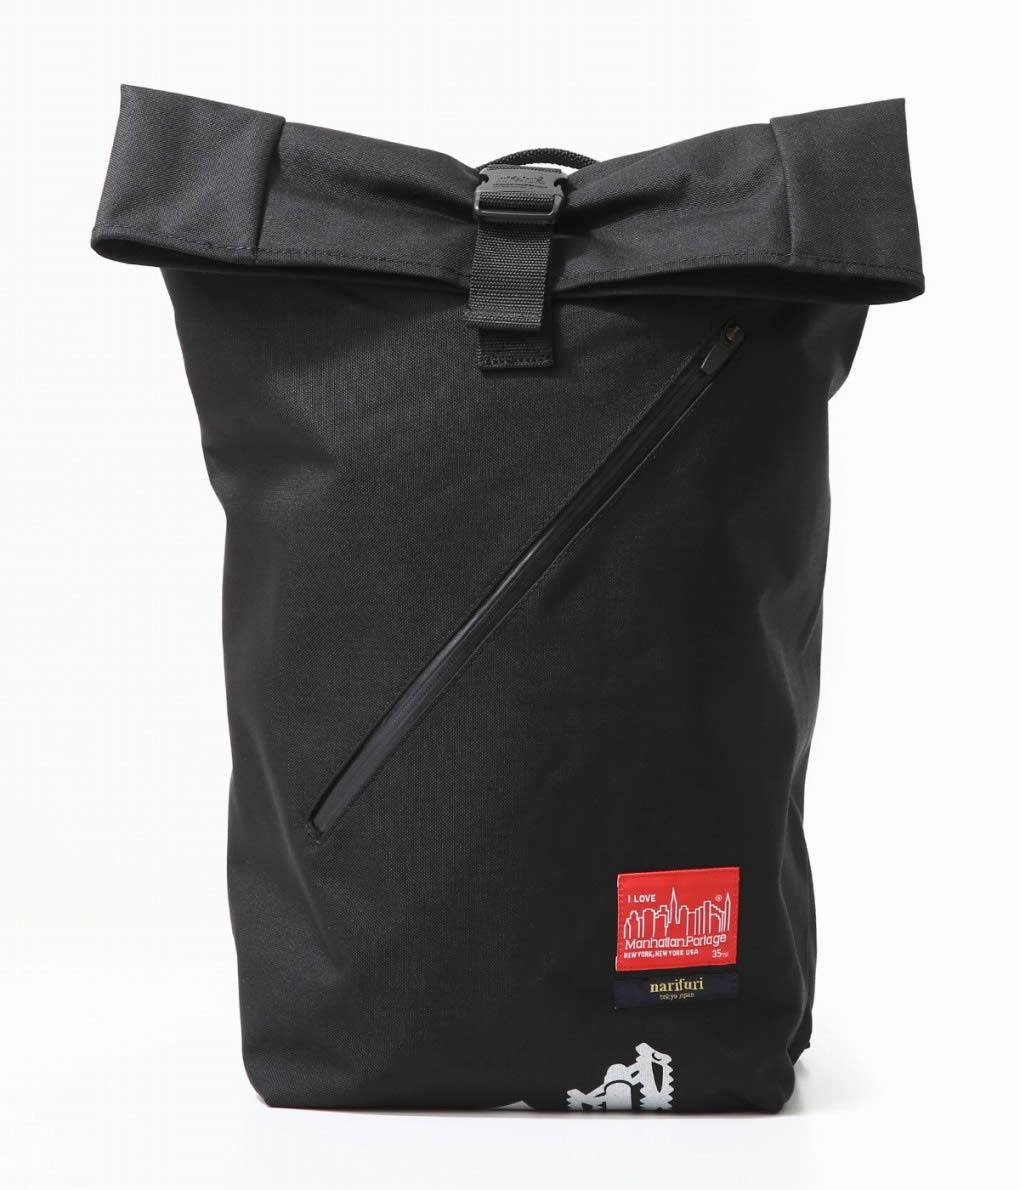 終了間際!【期間限定送料無料!】narifuri / ナリフリ : x Manhattan Portage バックパック : バッグ リュック バックパック 鞄 マンハッタンポーテージ メンズ レディース : NFMP-02 【NOA】